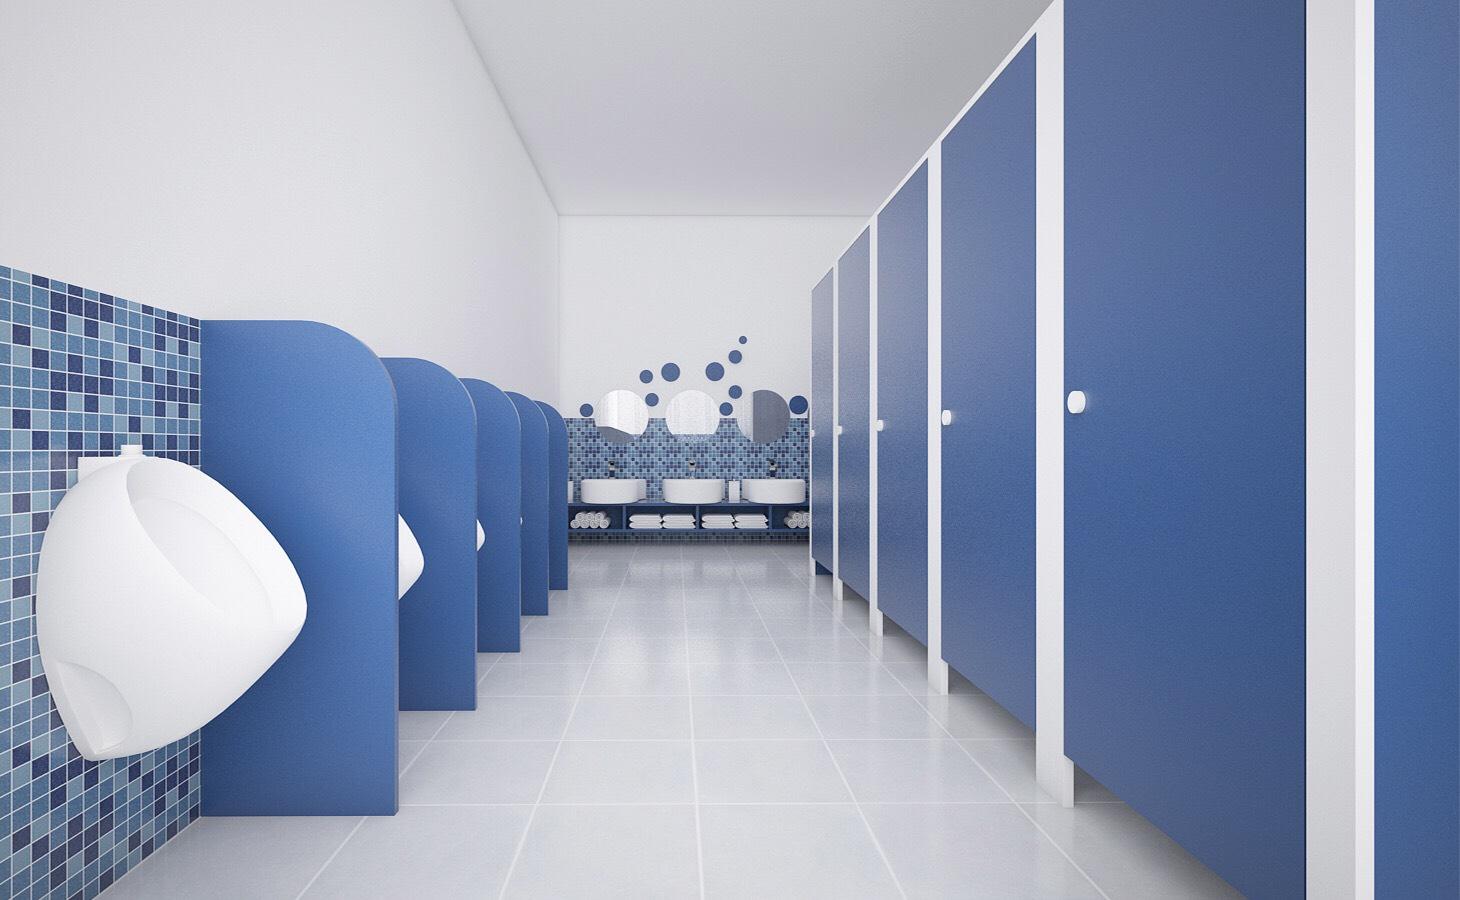 Thiết kế vệ sinh mầm non thiết kế trường mầm non Thiết kế trường mầm non đẹp đạt chuẩn Vesinh2